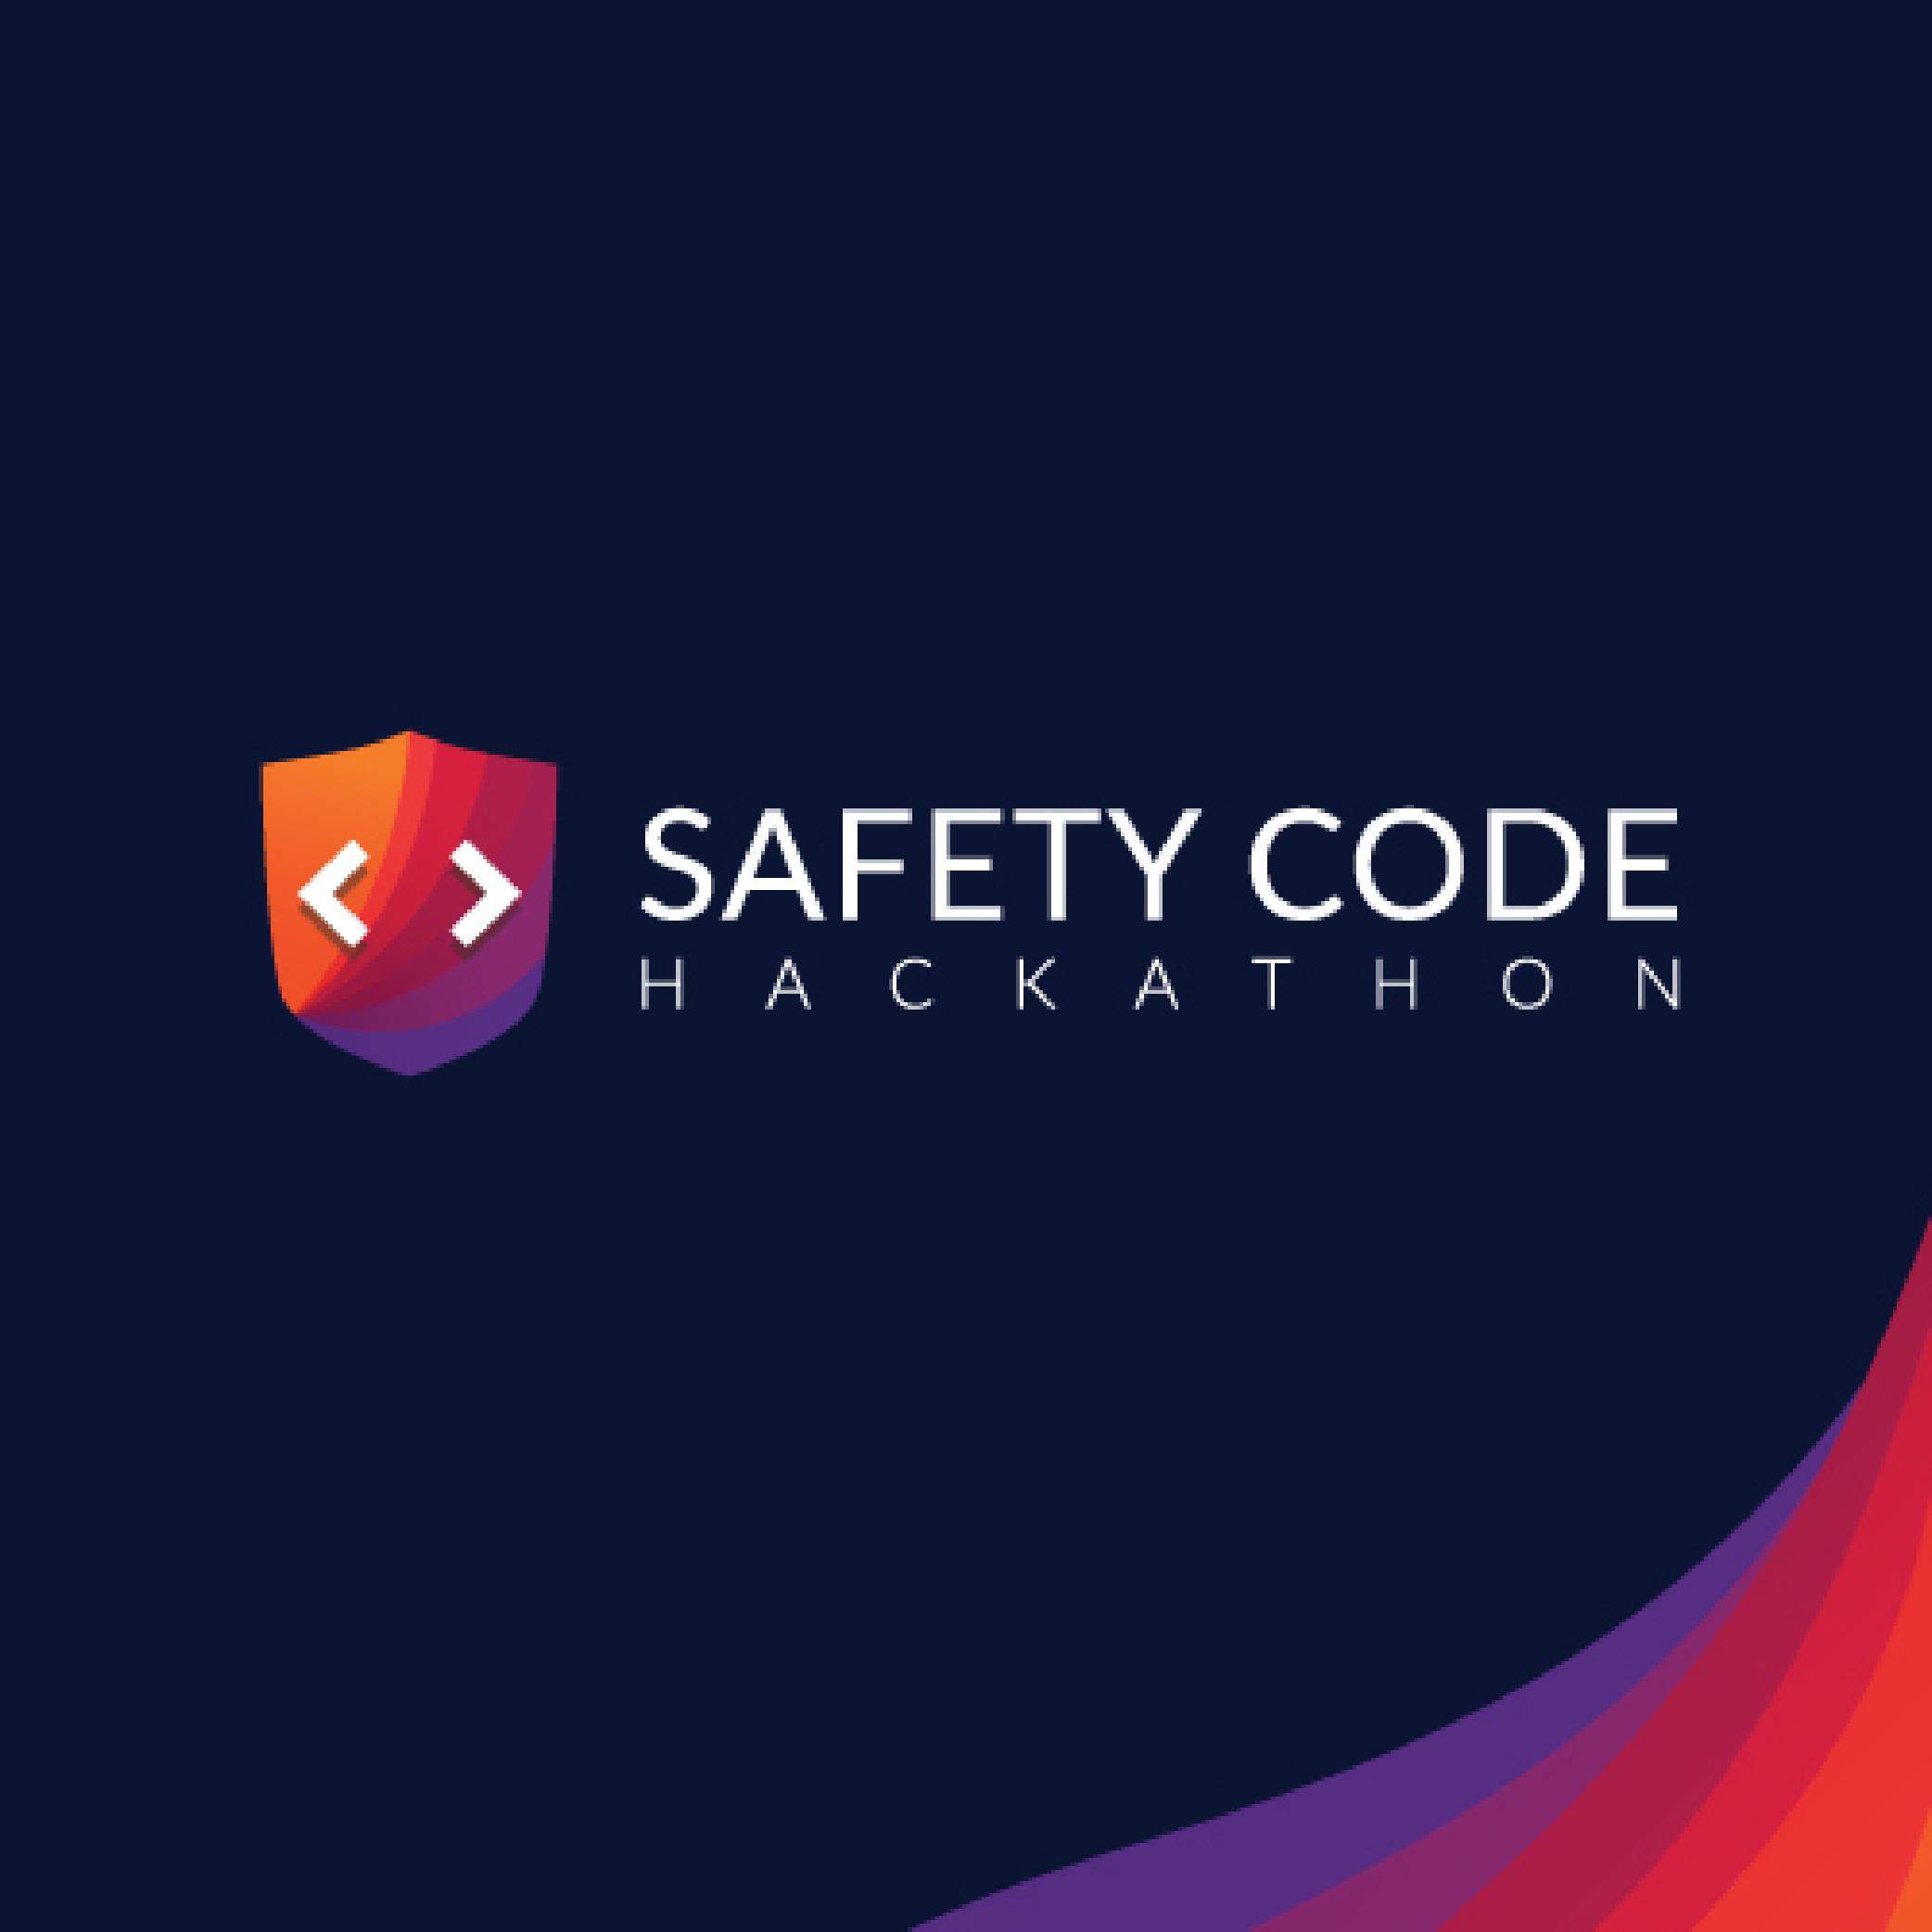 Safety Code Hackathon